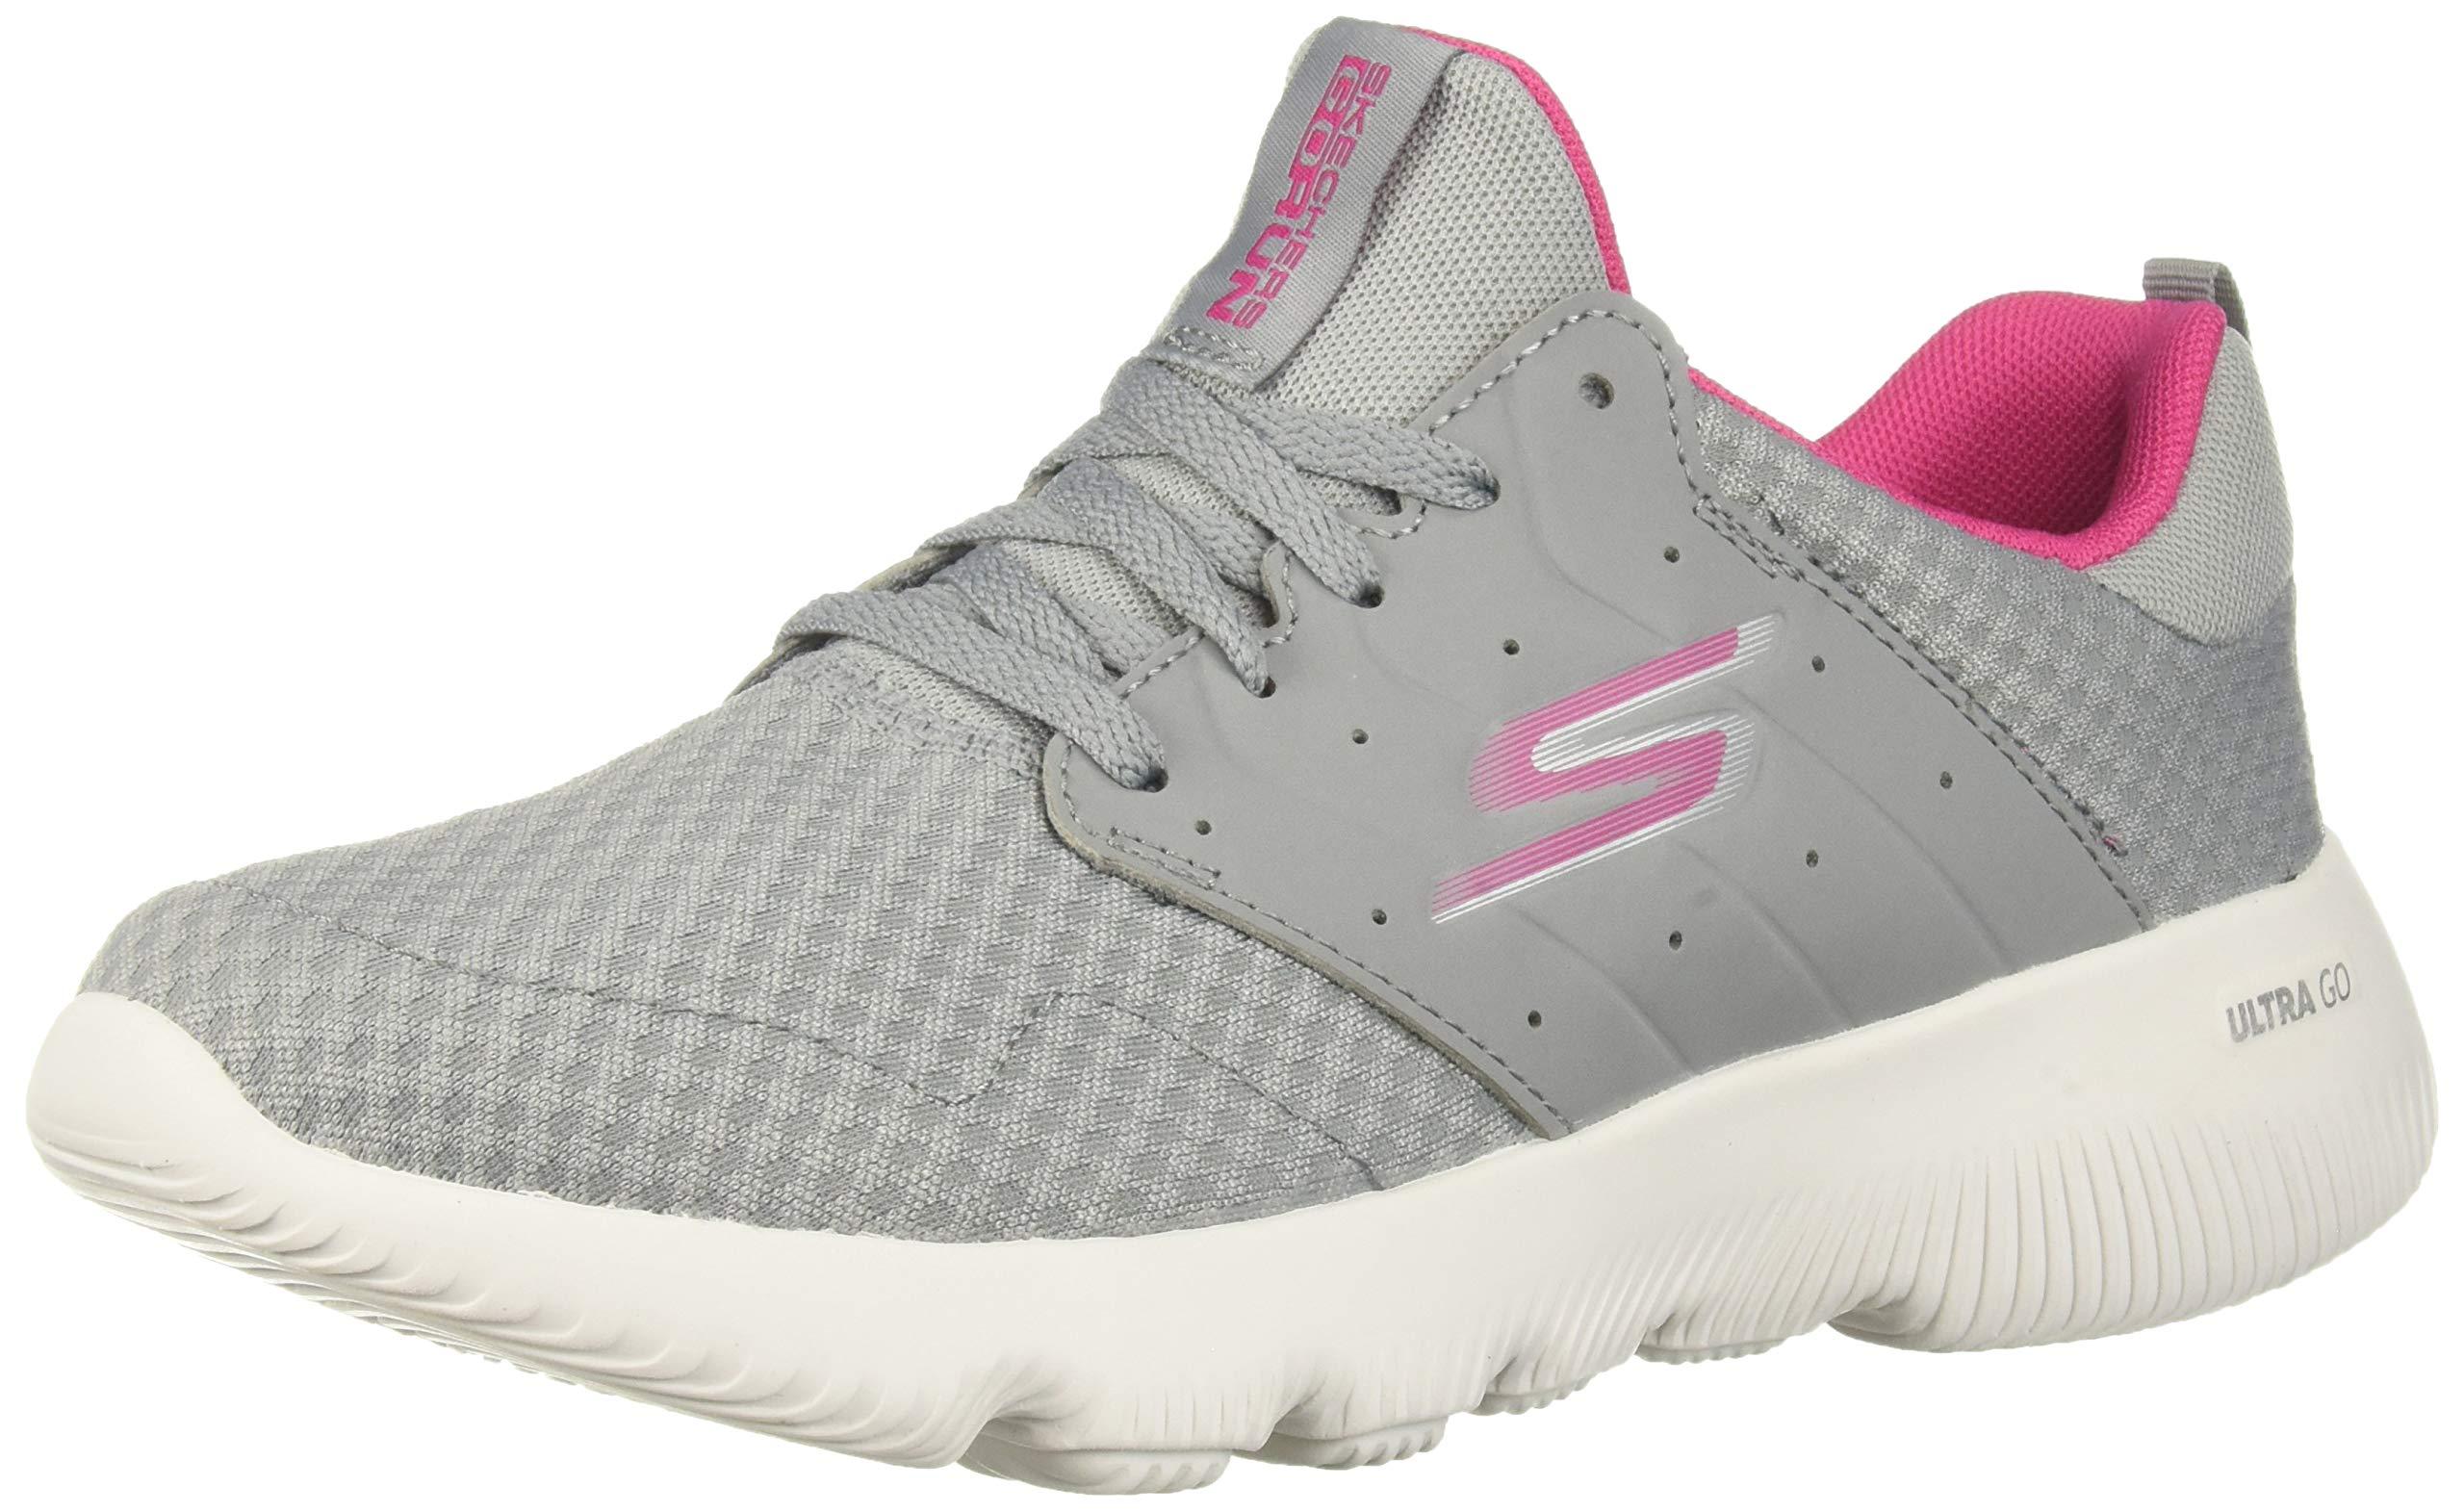 Skechers Women's GO Run FOCUS-15162 Sneaker, Gray/Pink, 5 M US